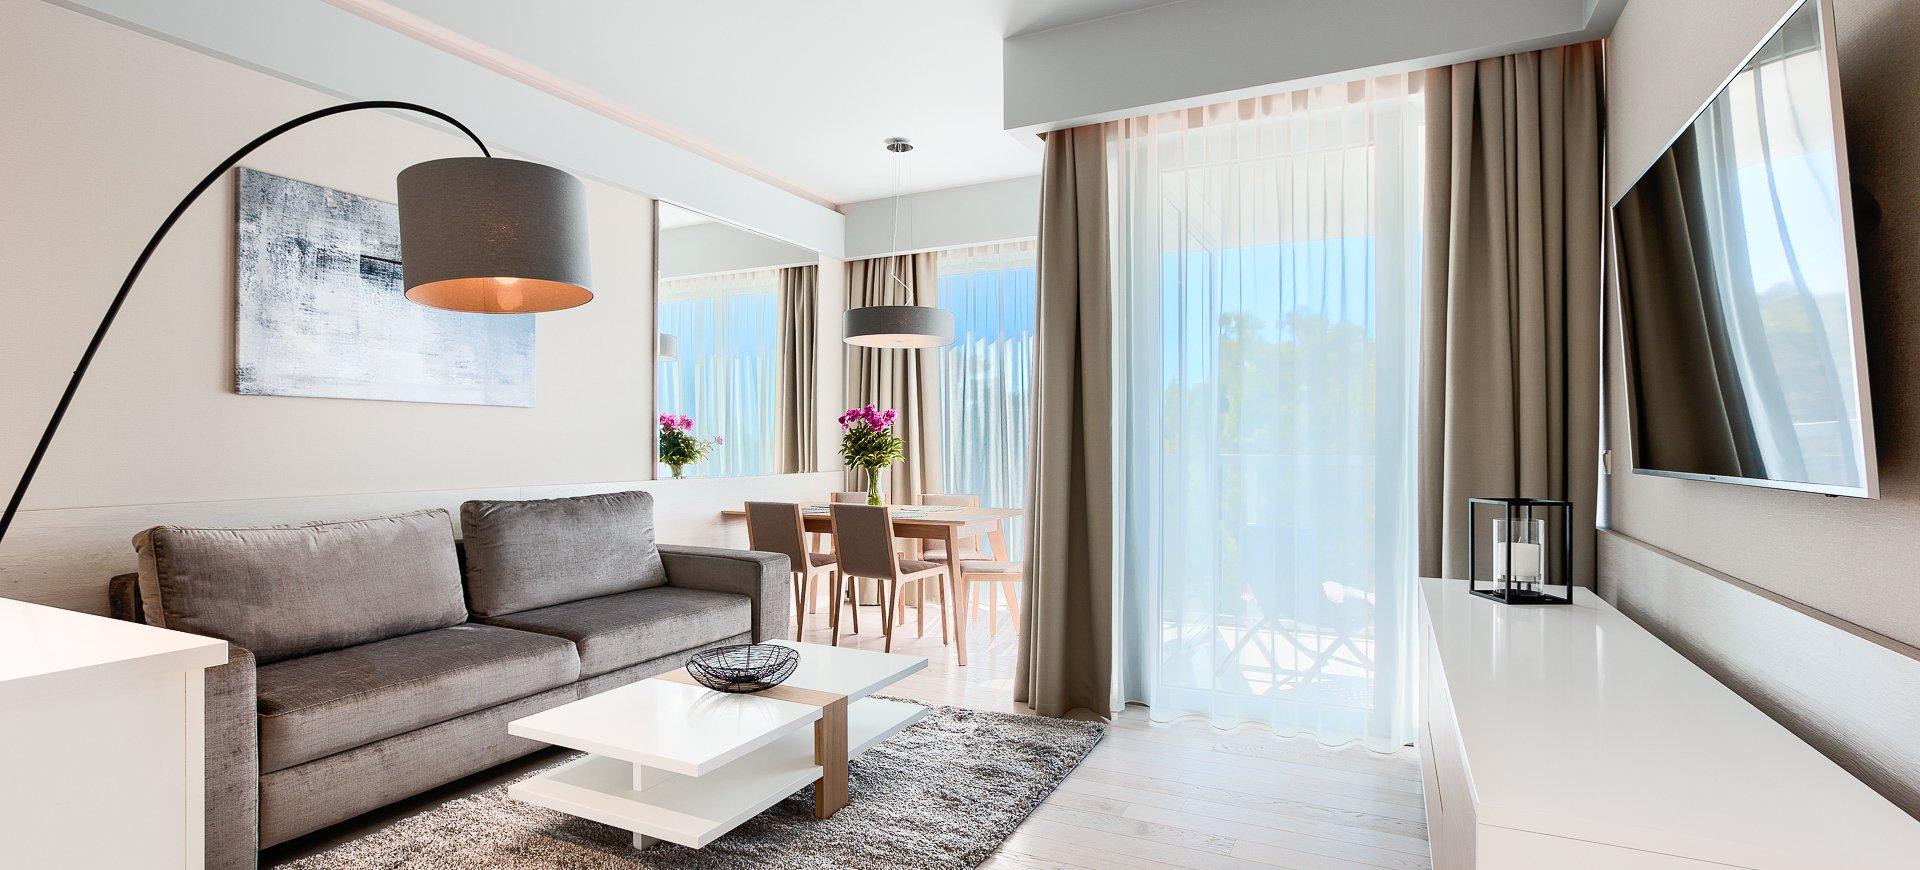 Apartament Deluxe z 1 sypialnią 3.04 B z widokiem na morze